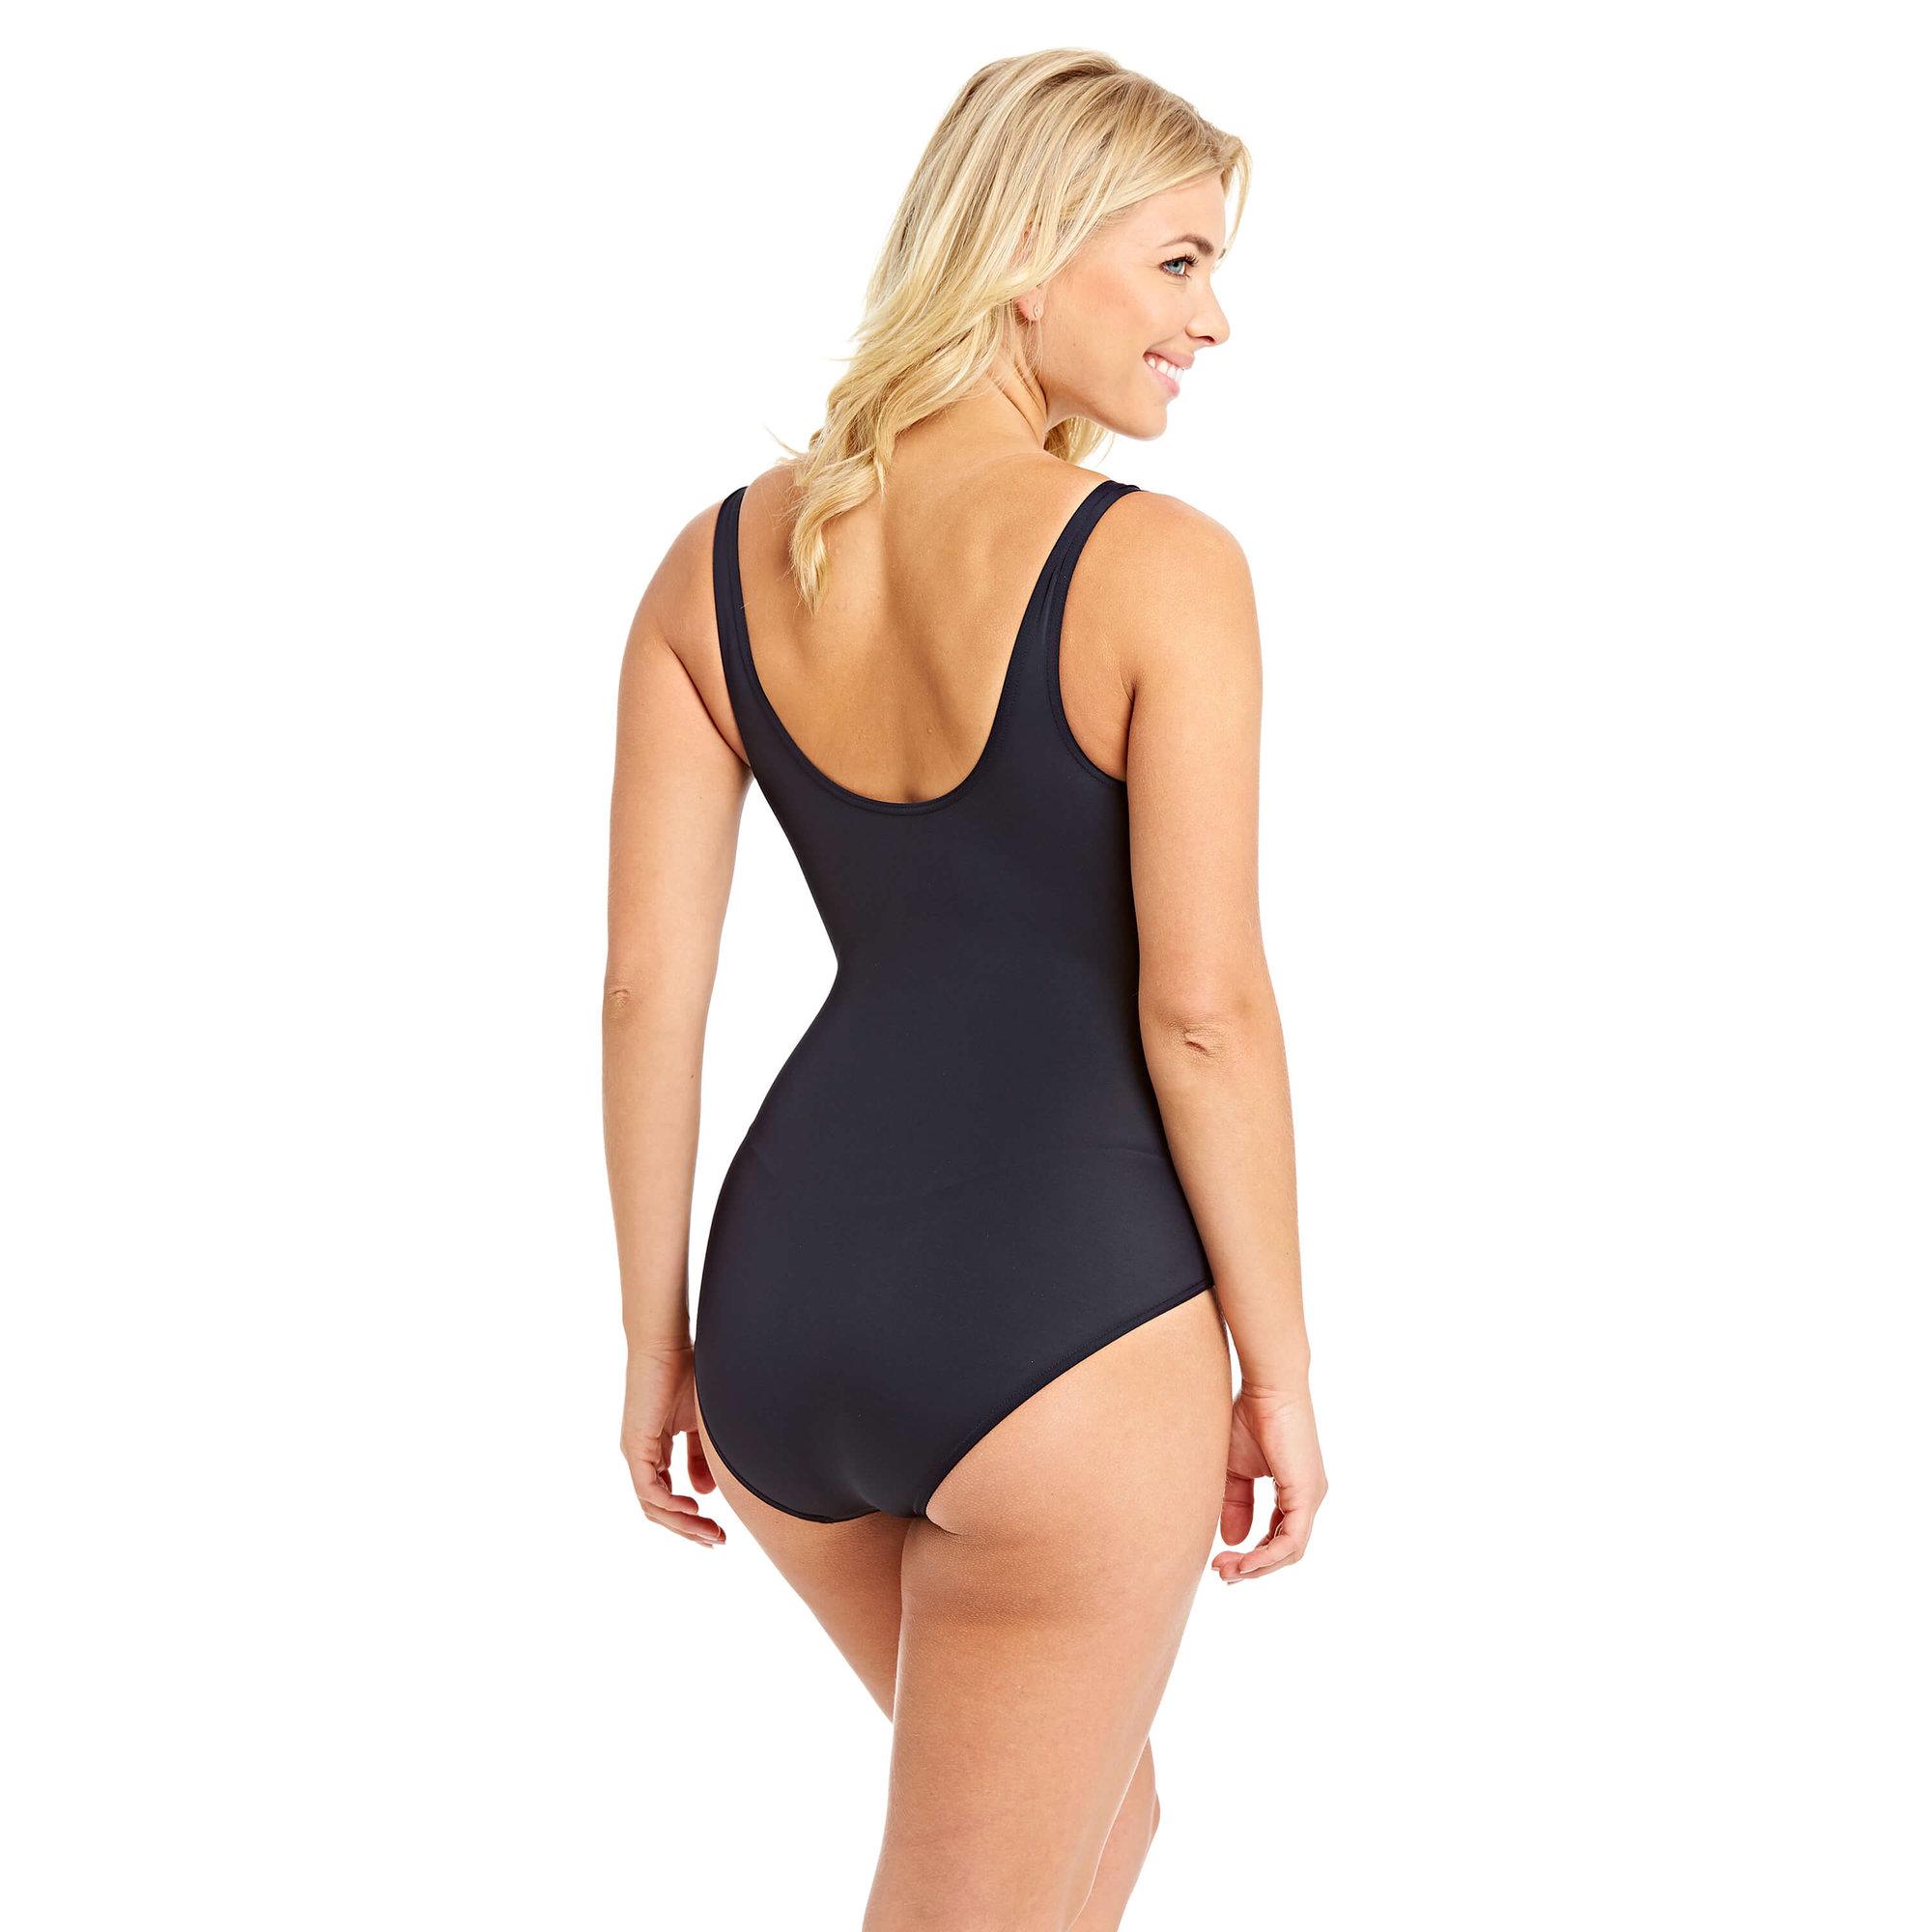 f61b405c9881ea wyszczuplający strój kąpielowy Zoggs Latino Love | Klubben